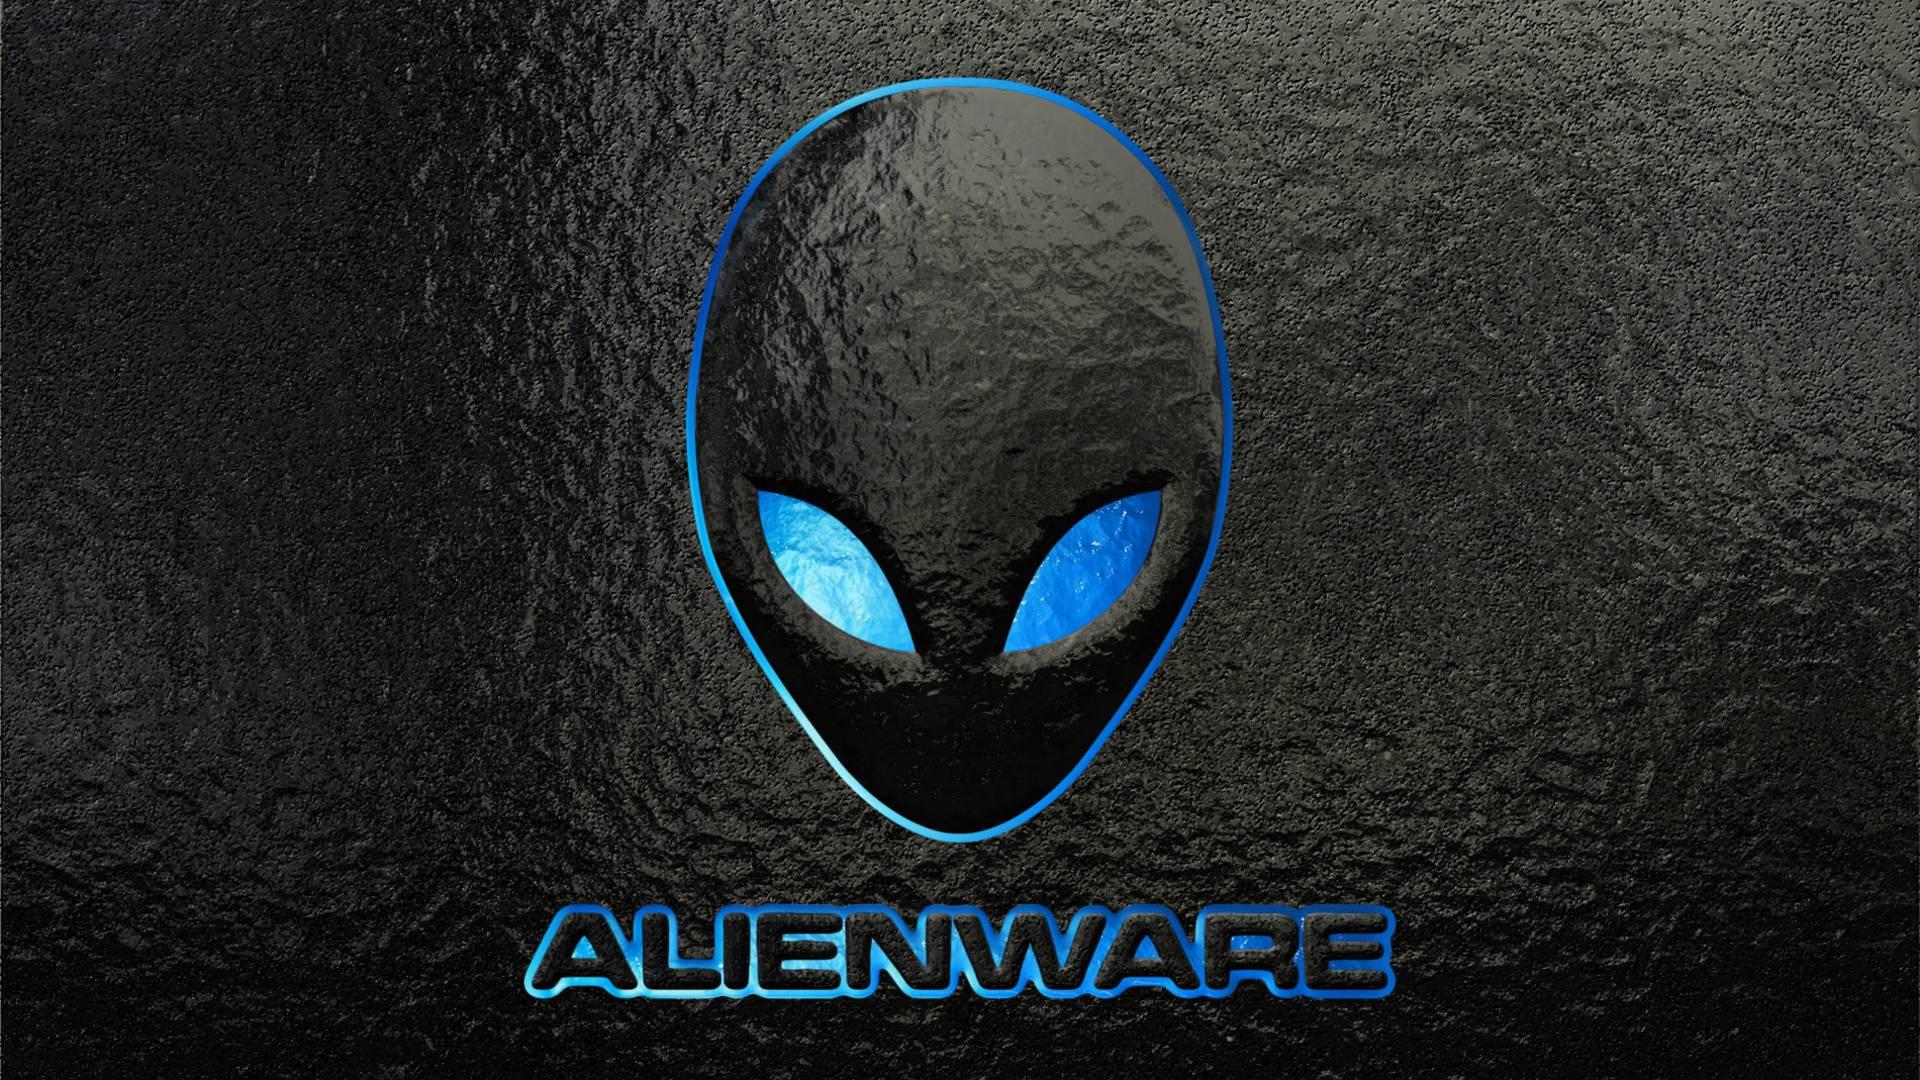 Alienware Laptop Wallpapers - Top Free